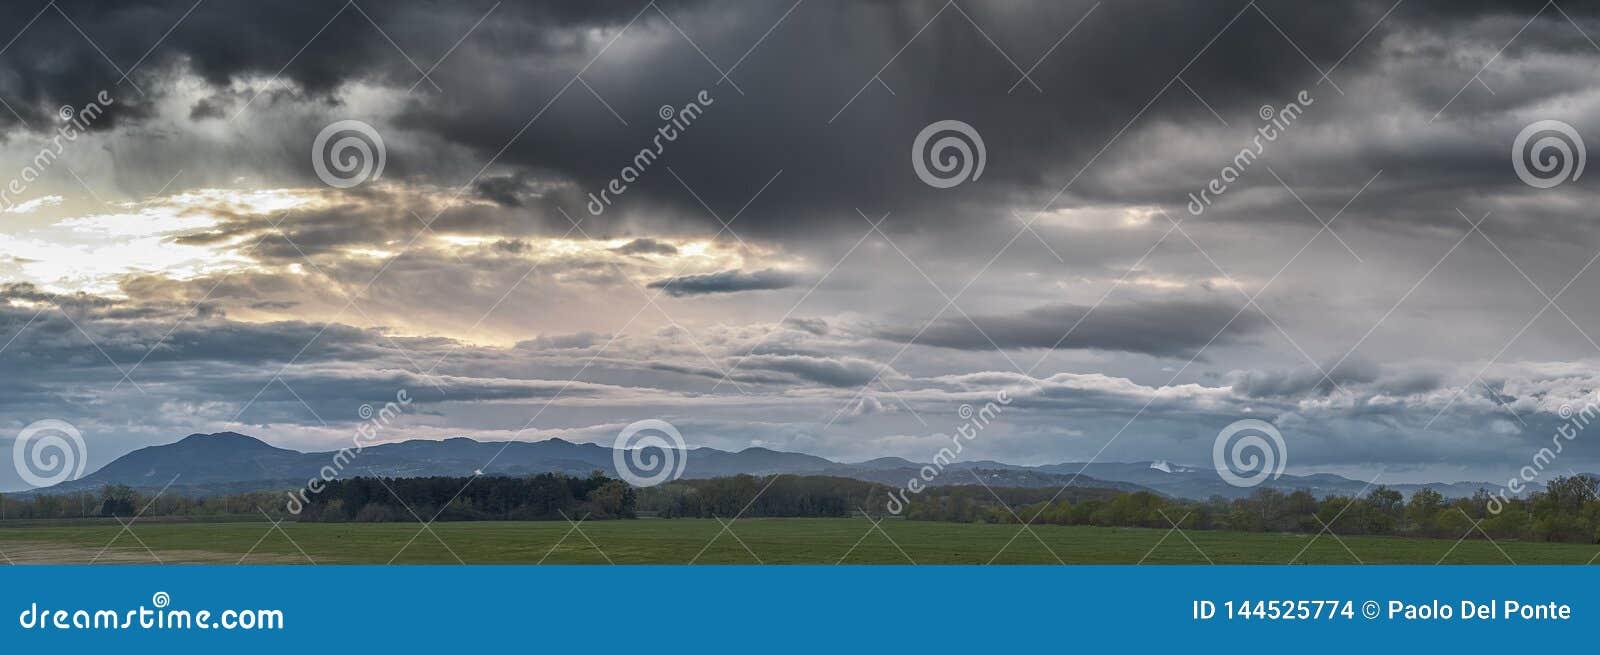 Zmierzch na dramatycznym chmury niebie nad łąkowym i małym sosnowym lasem z wzgórzami w tle, blisko Zagreb